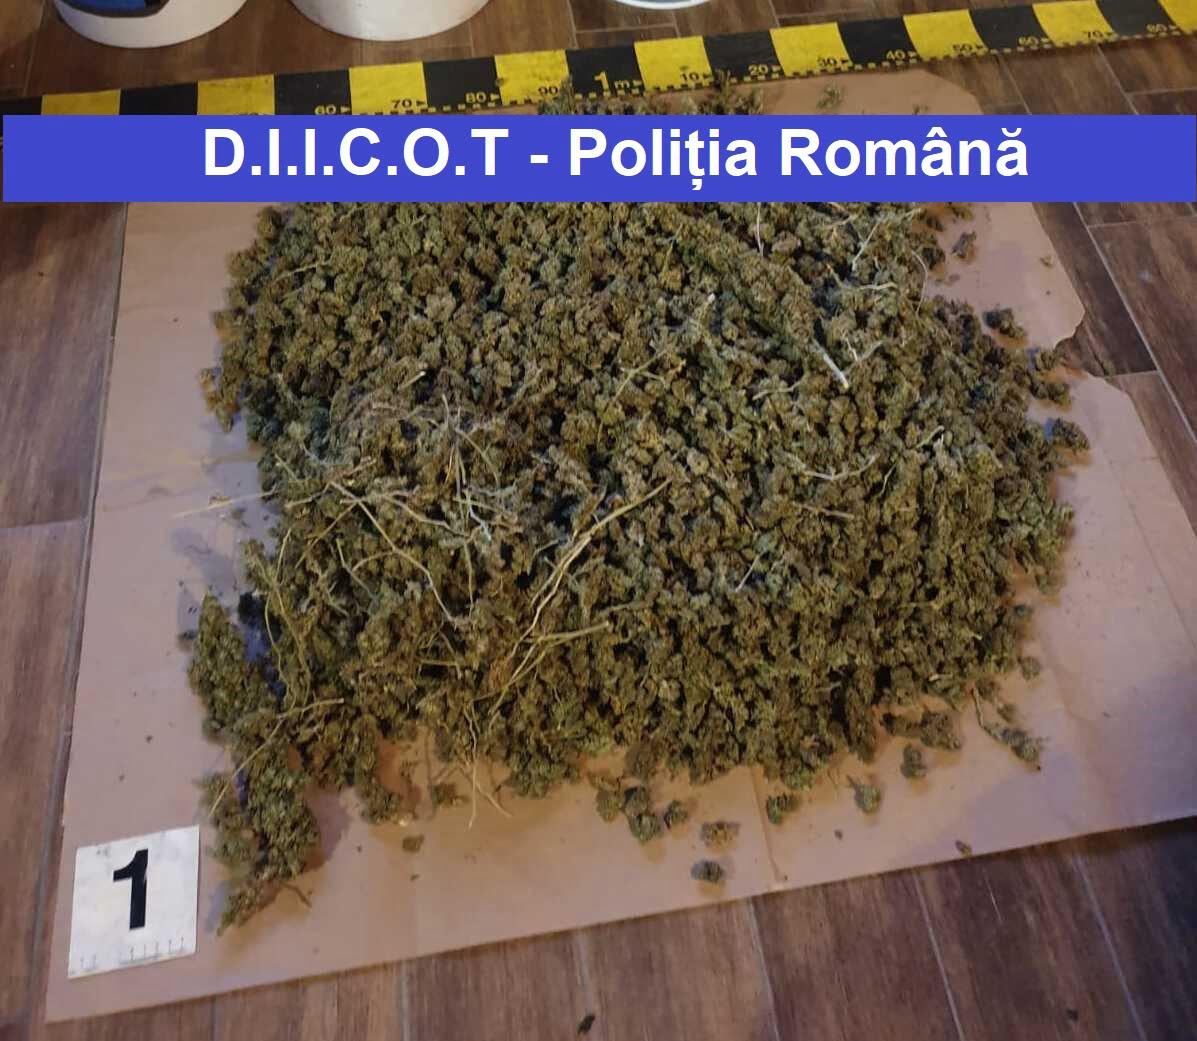 Percheziții în Neamț la traficanți de droguri. Patru persoane au fost reținute